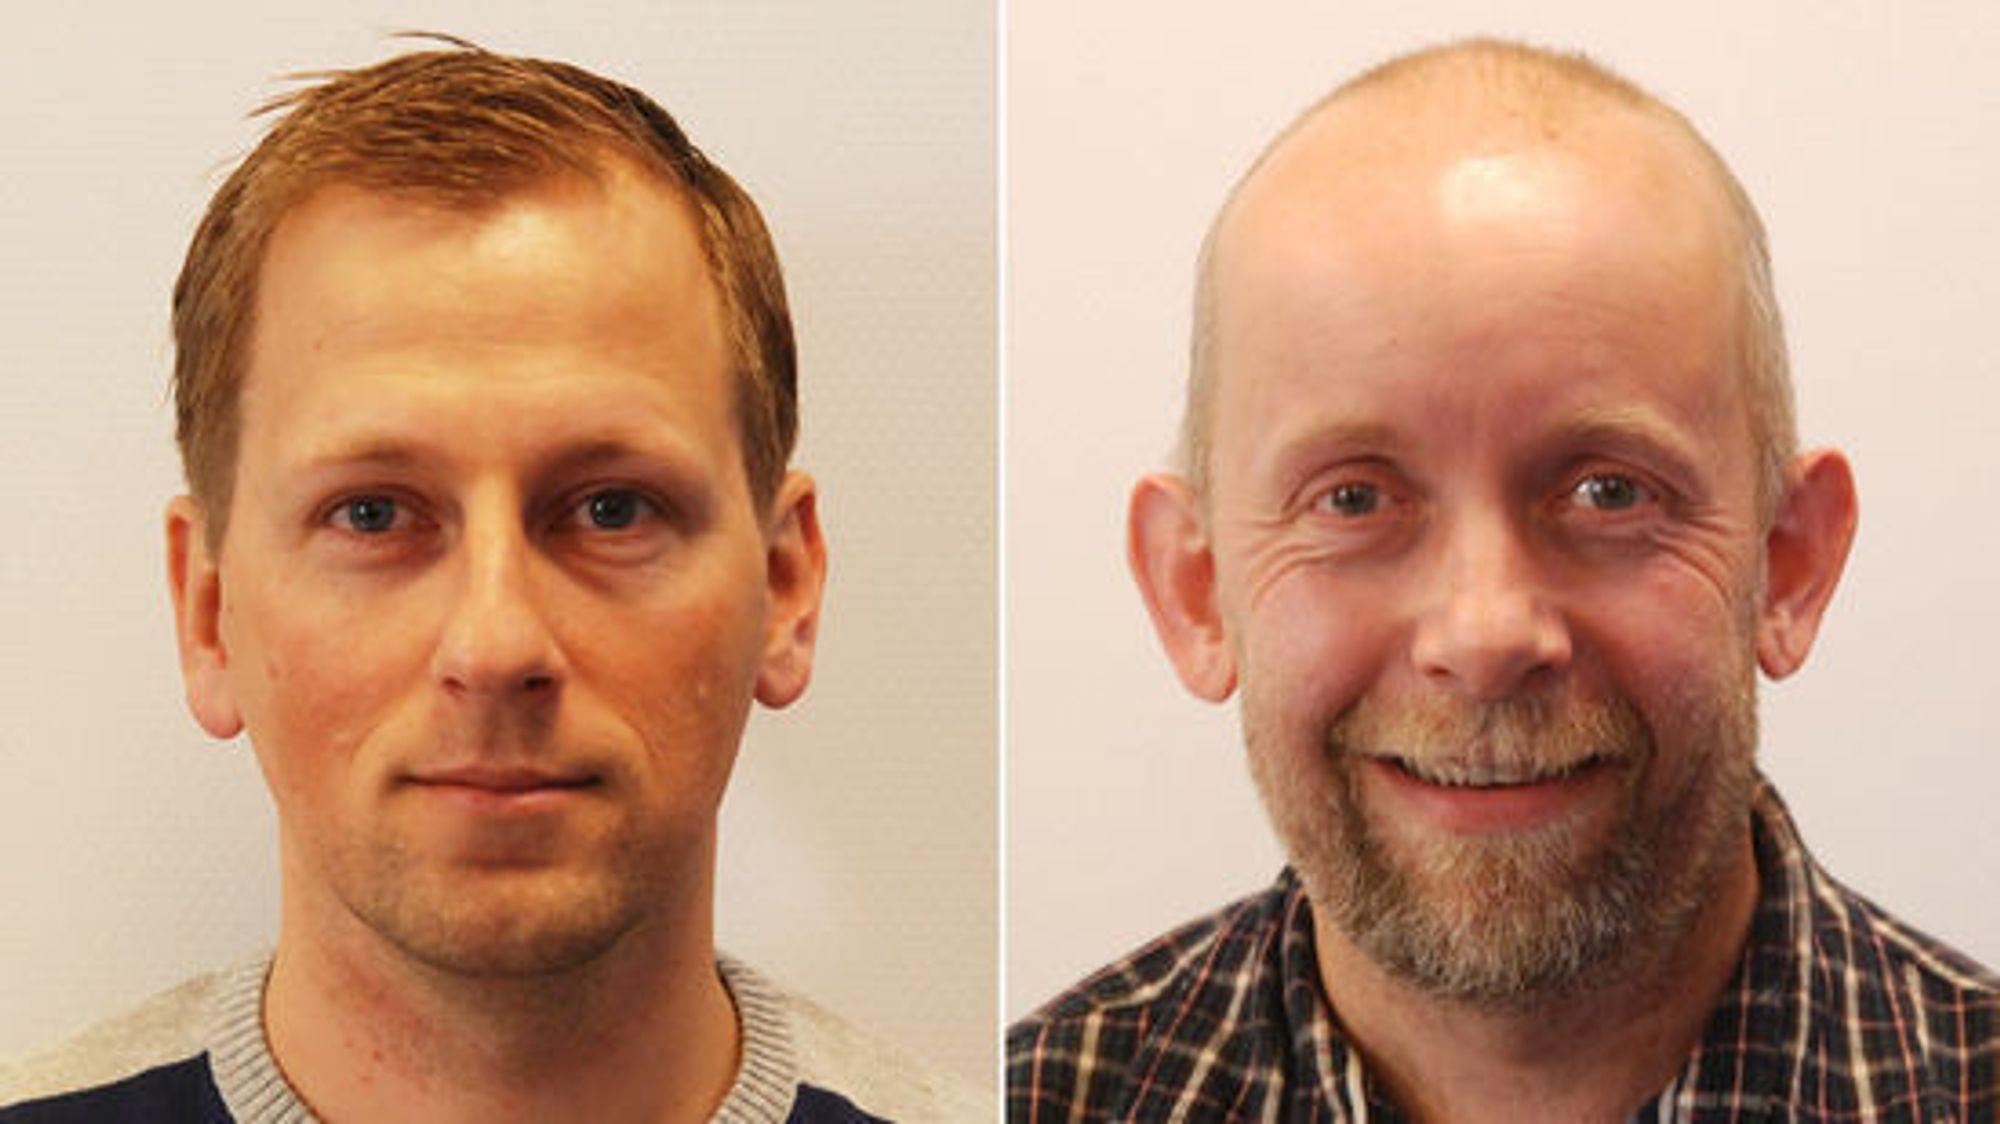 Gjermund Dahl (t.v.) og Kai-Erik Uleberg er  QA/QC-rådgivere i Norconsult AS. Gjermund Dahl er rådgivende ingeniør med 13 års erfaring med kvalitetssikring av instrumenter, utstyr, datasystemer og analytiske rutiner innen farmasøytisk industri. Kai-Erik Uleberg, PhD, har sin bakgrunn innen analytisk kjemi, og har arbeidet med kvalitetssikring innen farmasøytisk industri og som konsulent i 13 år. Han har også jobbet noen år med forskning.